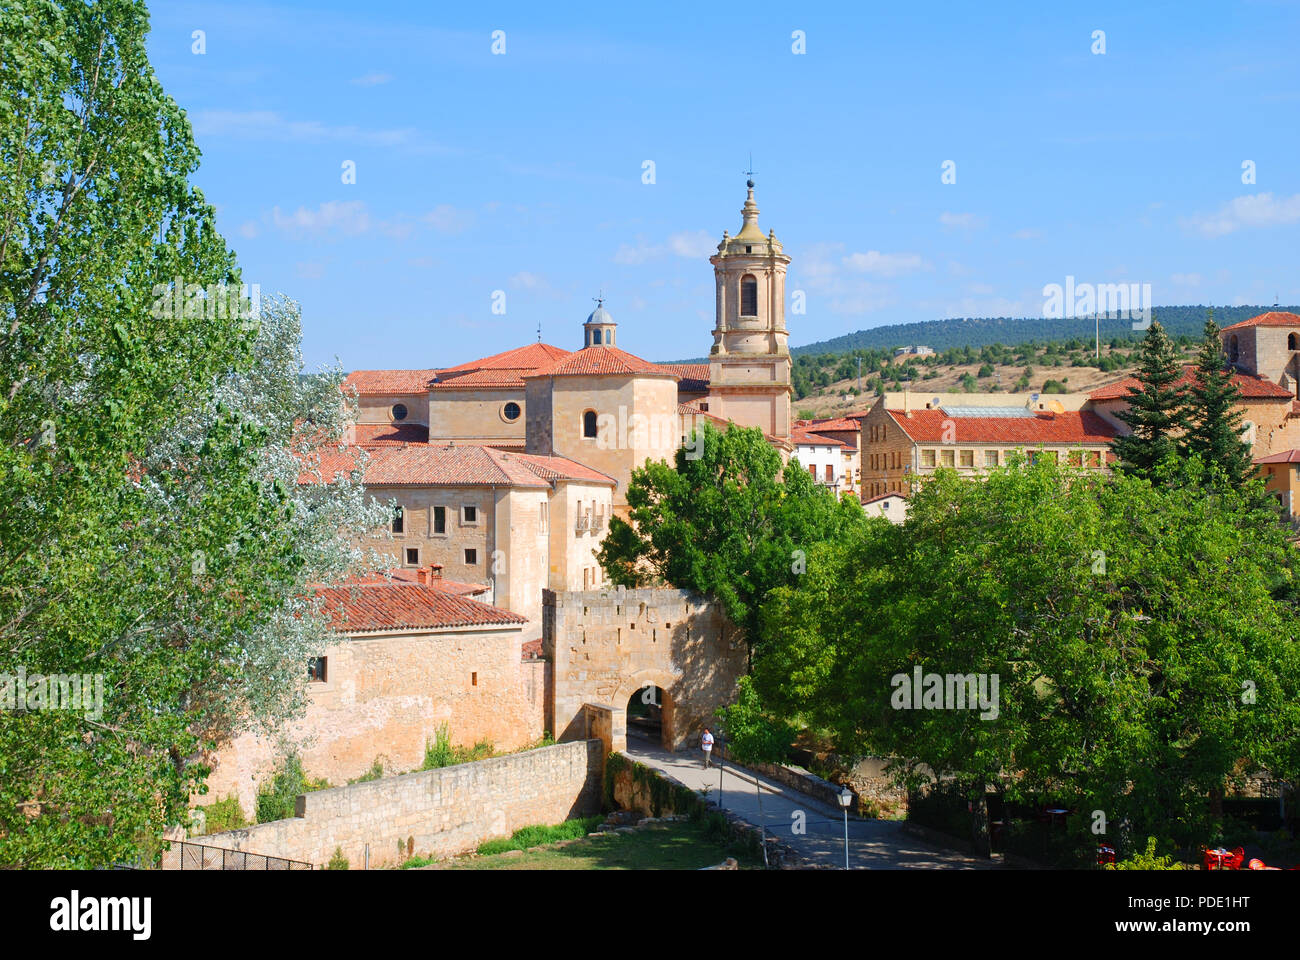 Monastery. Santo Domingo de Silos, Burgos province, Castilla Leon, Spain. - Stock Image